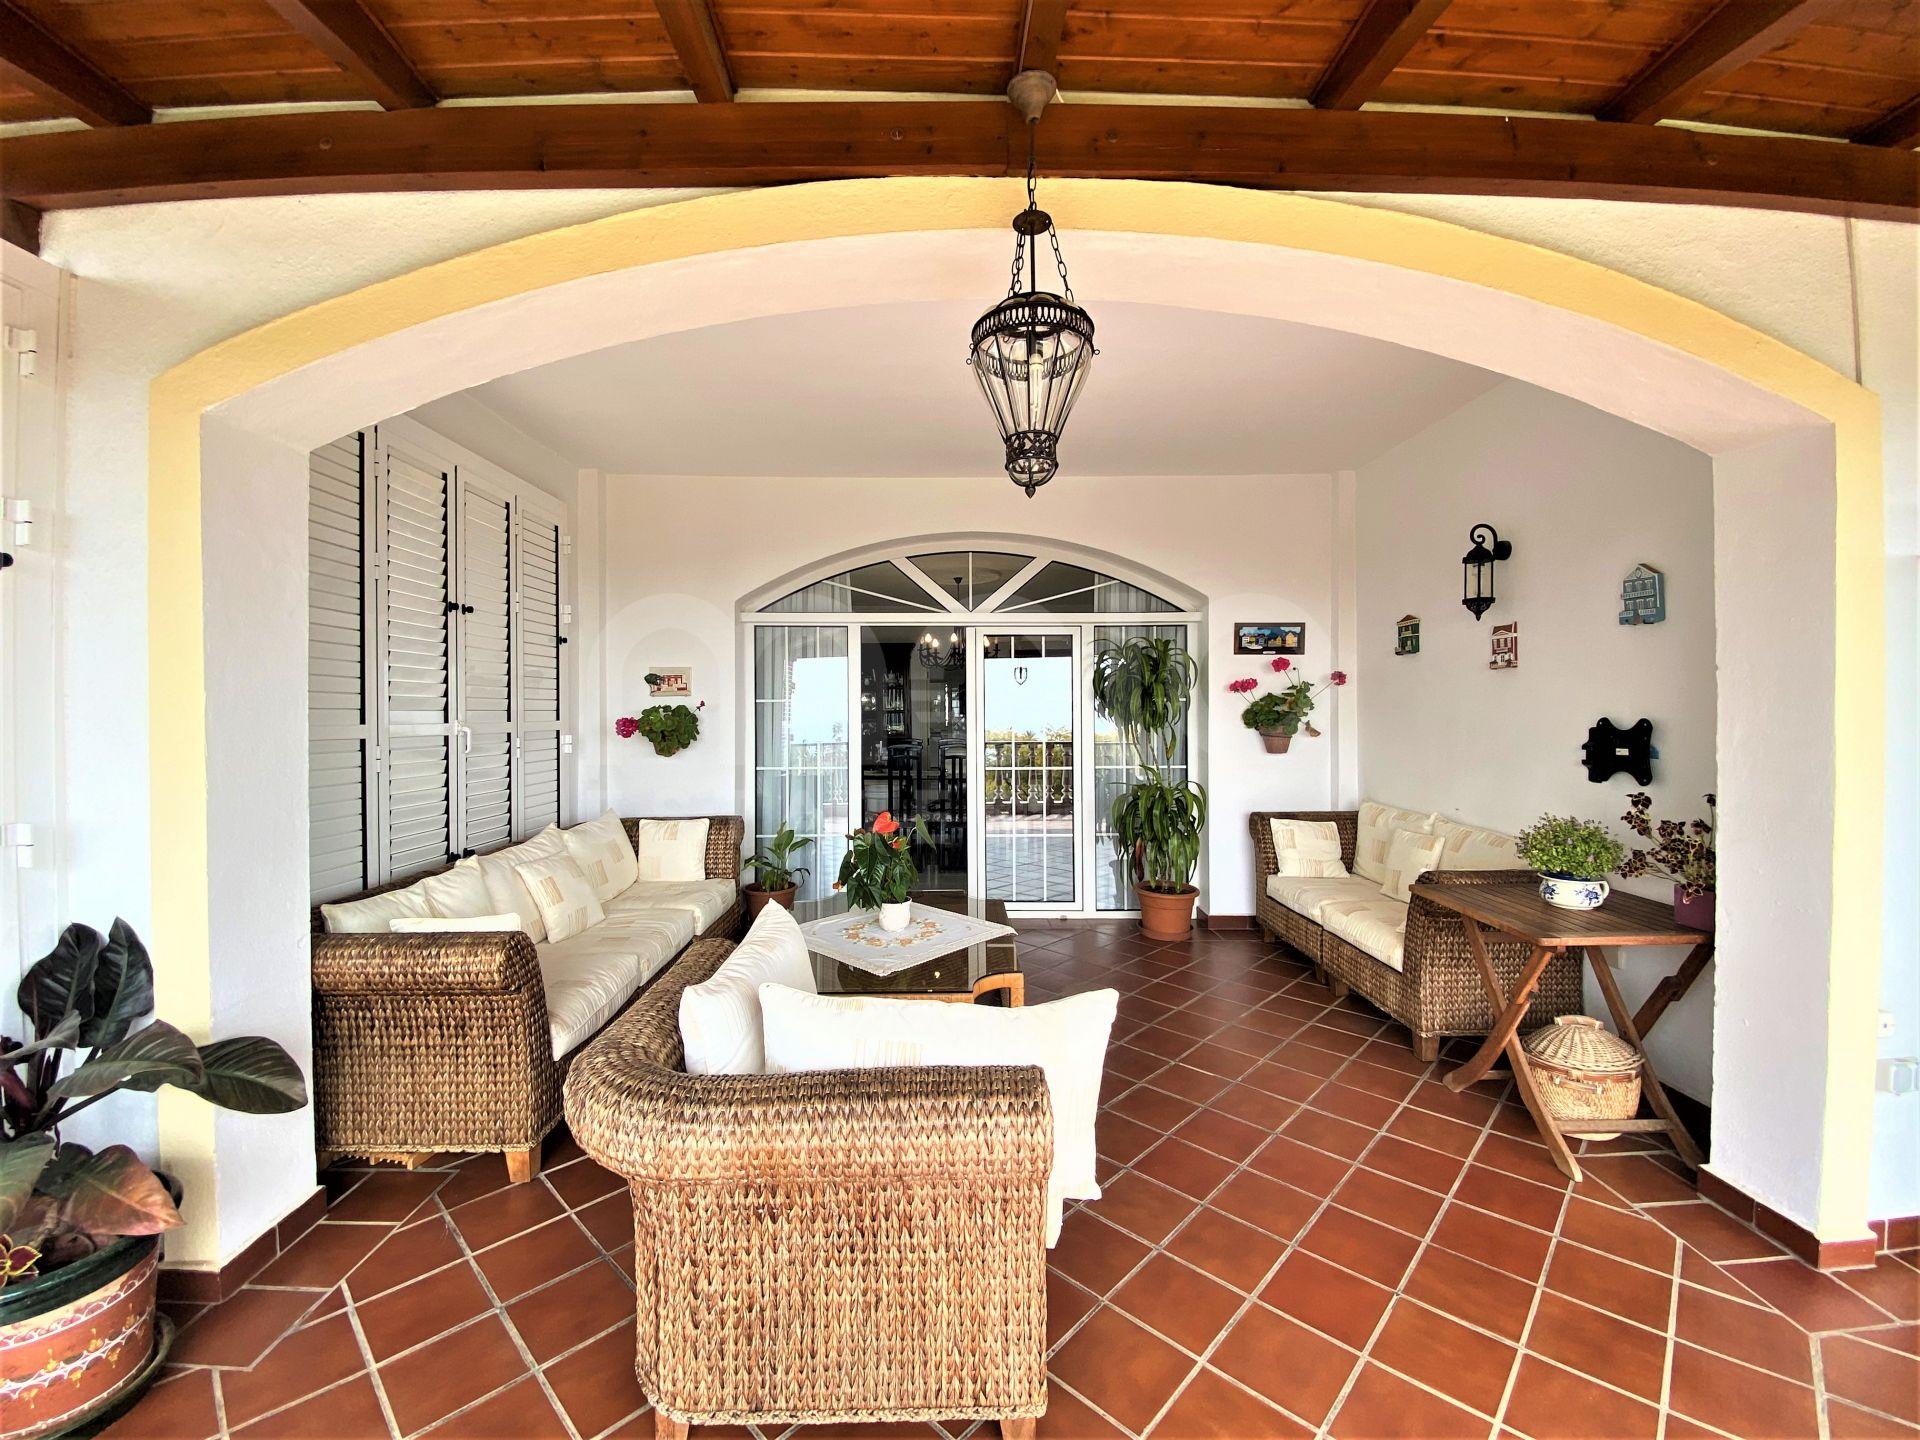 Villa for sale in La Perla, Benalmadena